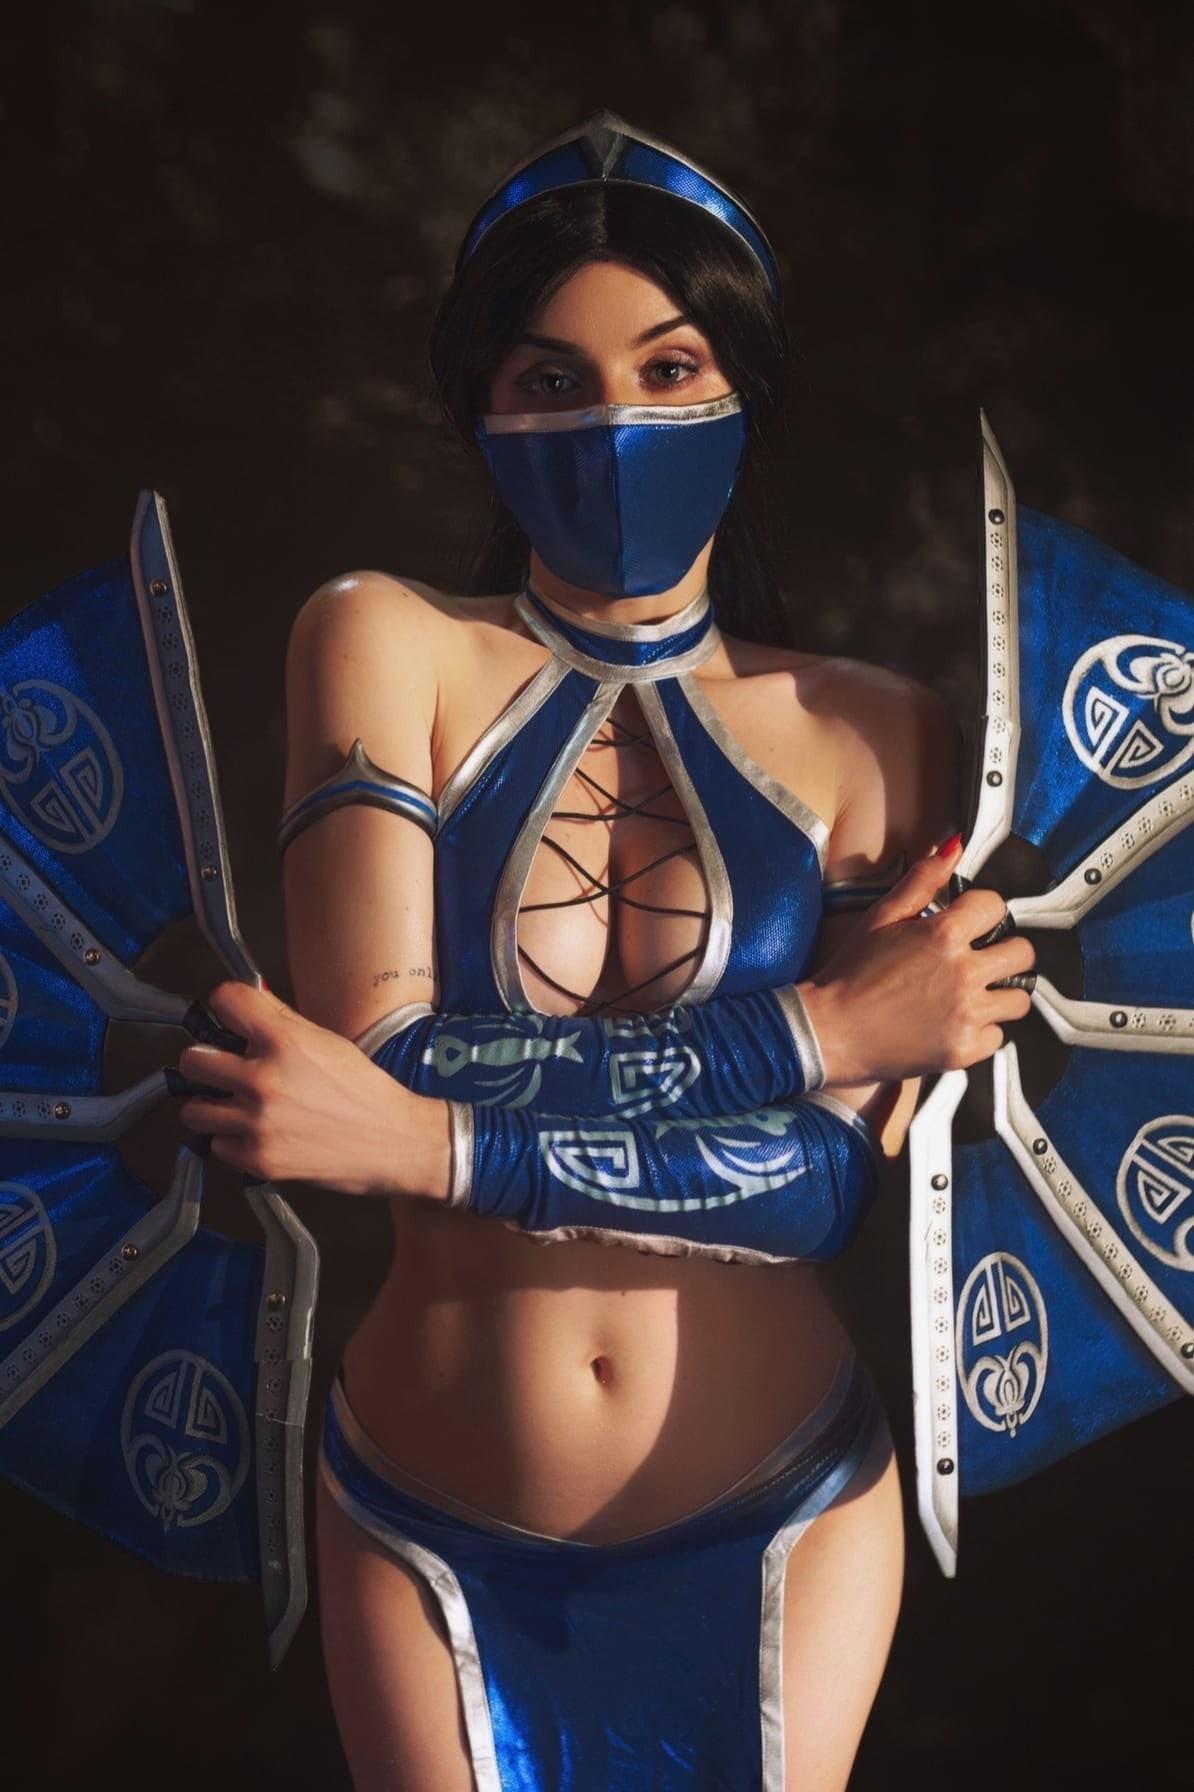 Ради этого косплея пришлось сходить в спортзал София Летяго в образе каноничной Китаны из Mortal Kombat